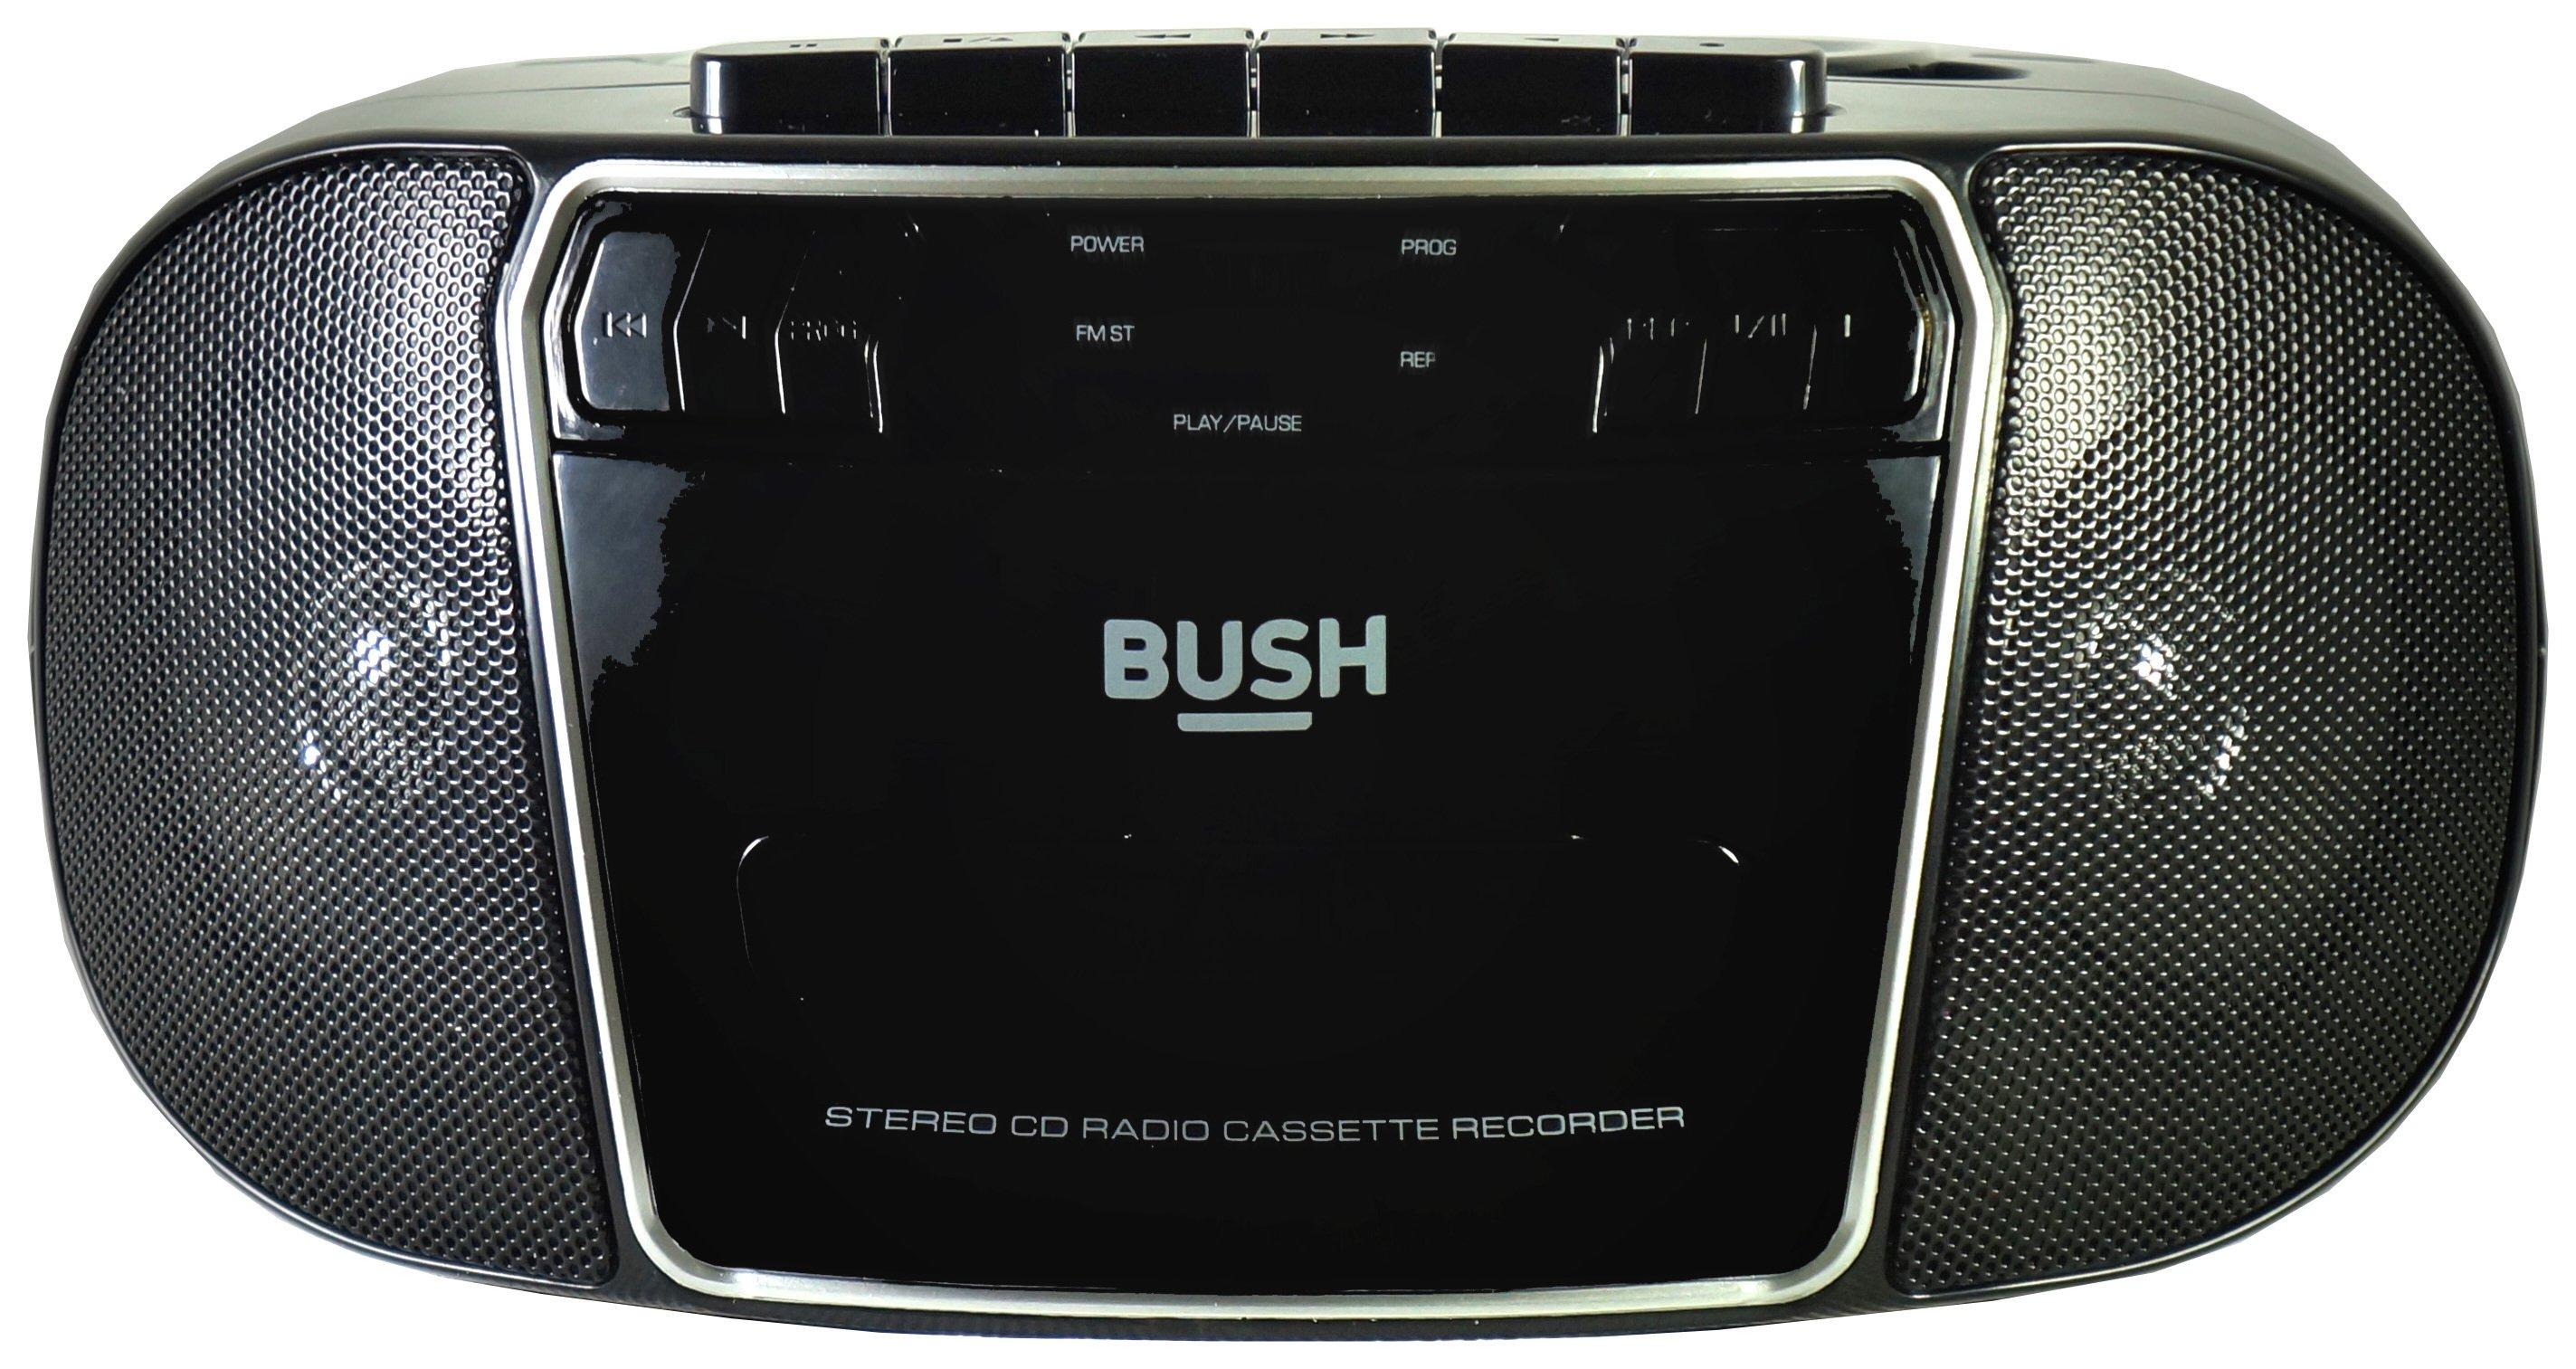 Bush  CD Radio Cassette Boombox - Black / Silver